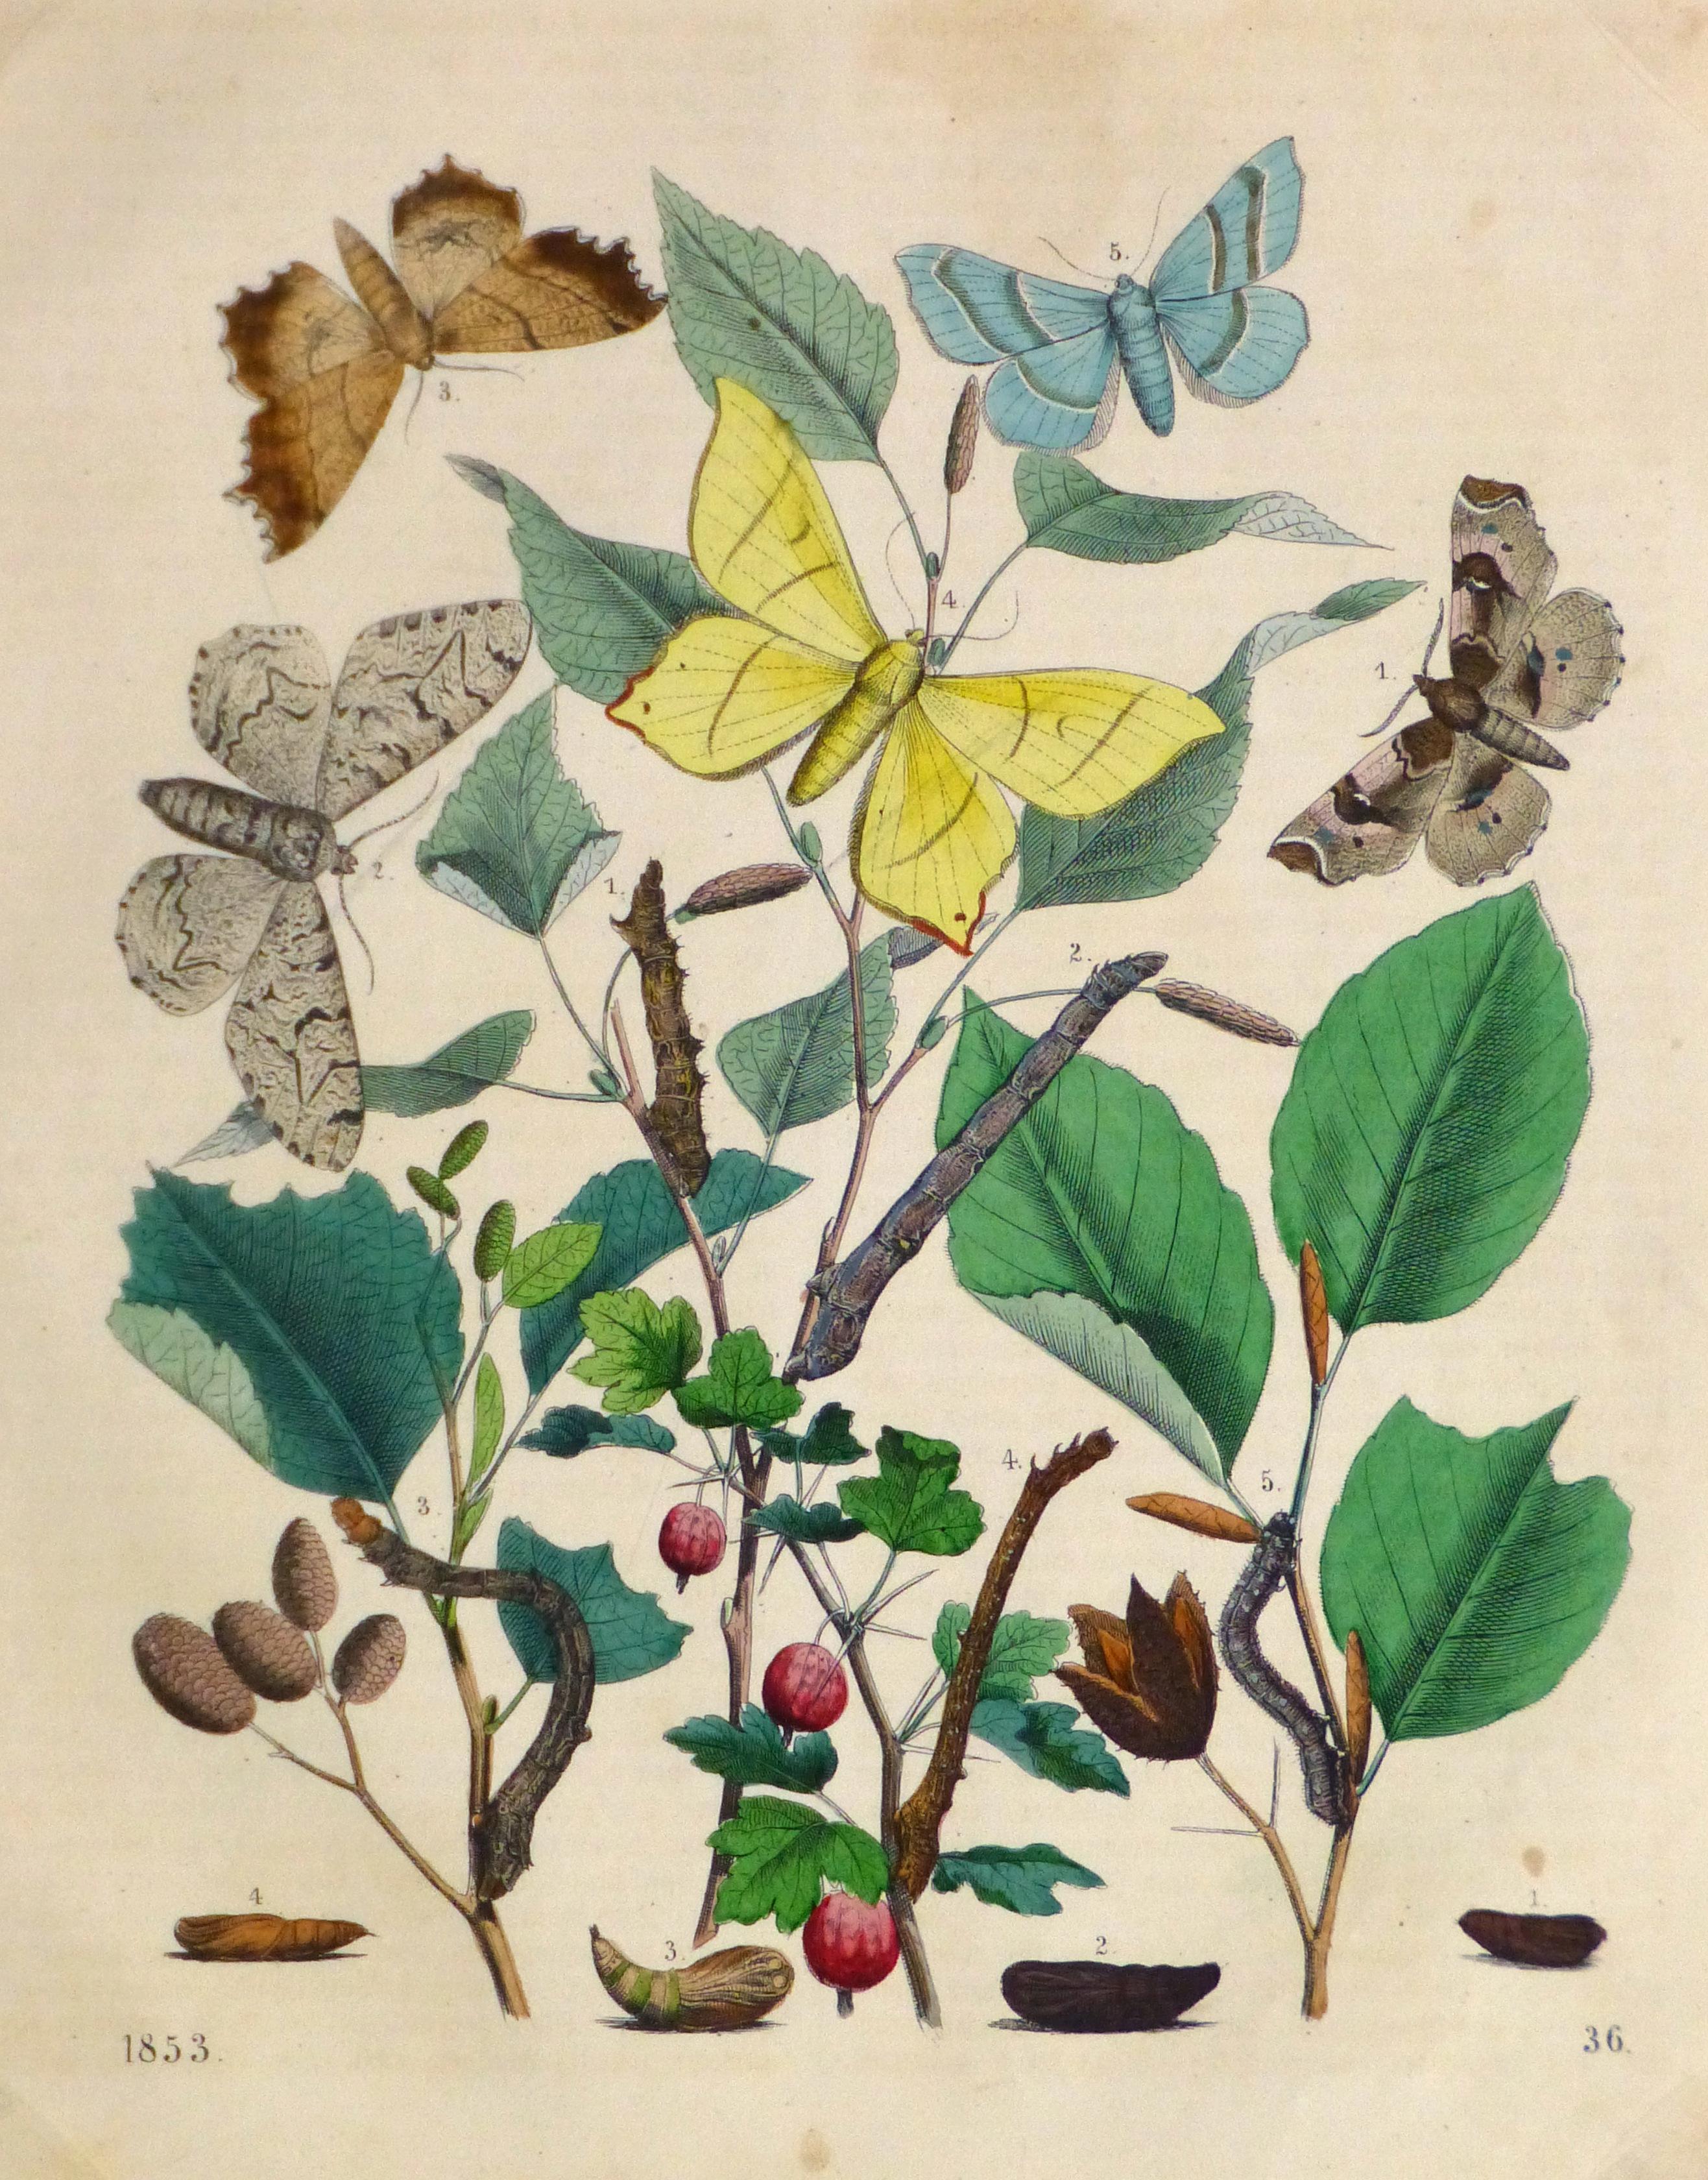 Butterflies & Botanical Engraving, 1853-main-10643M